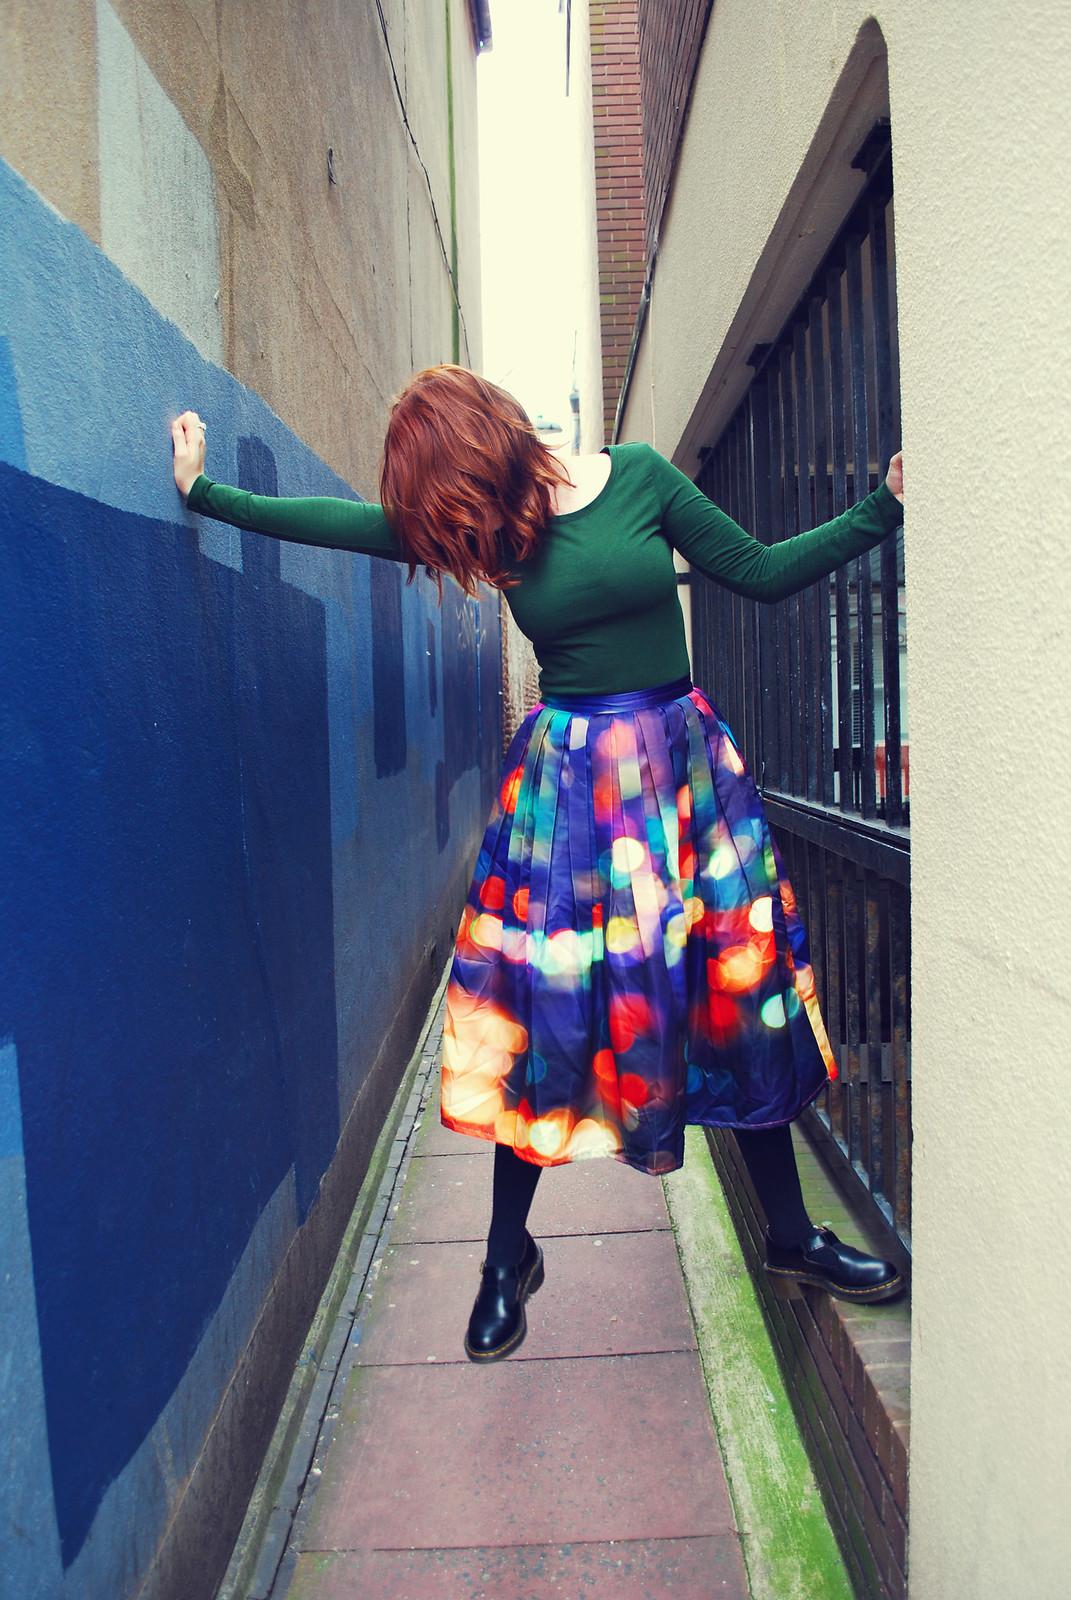 Bokeh skirt blogger style